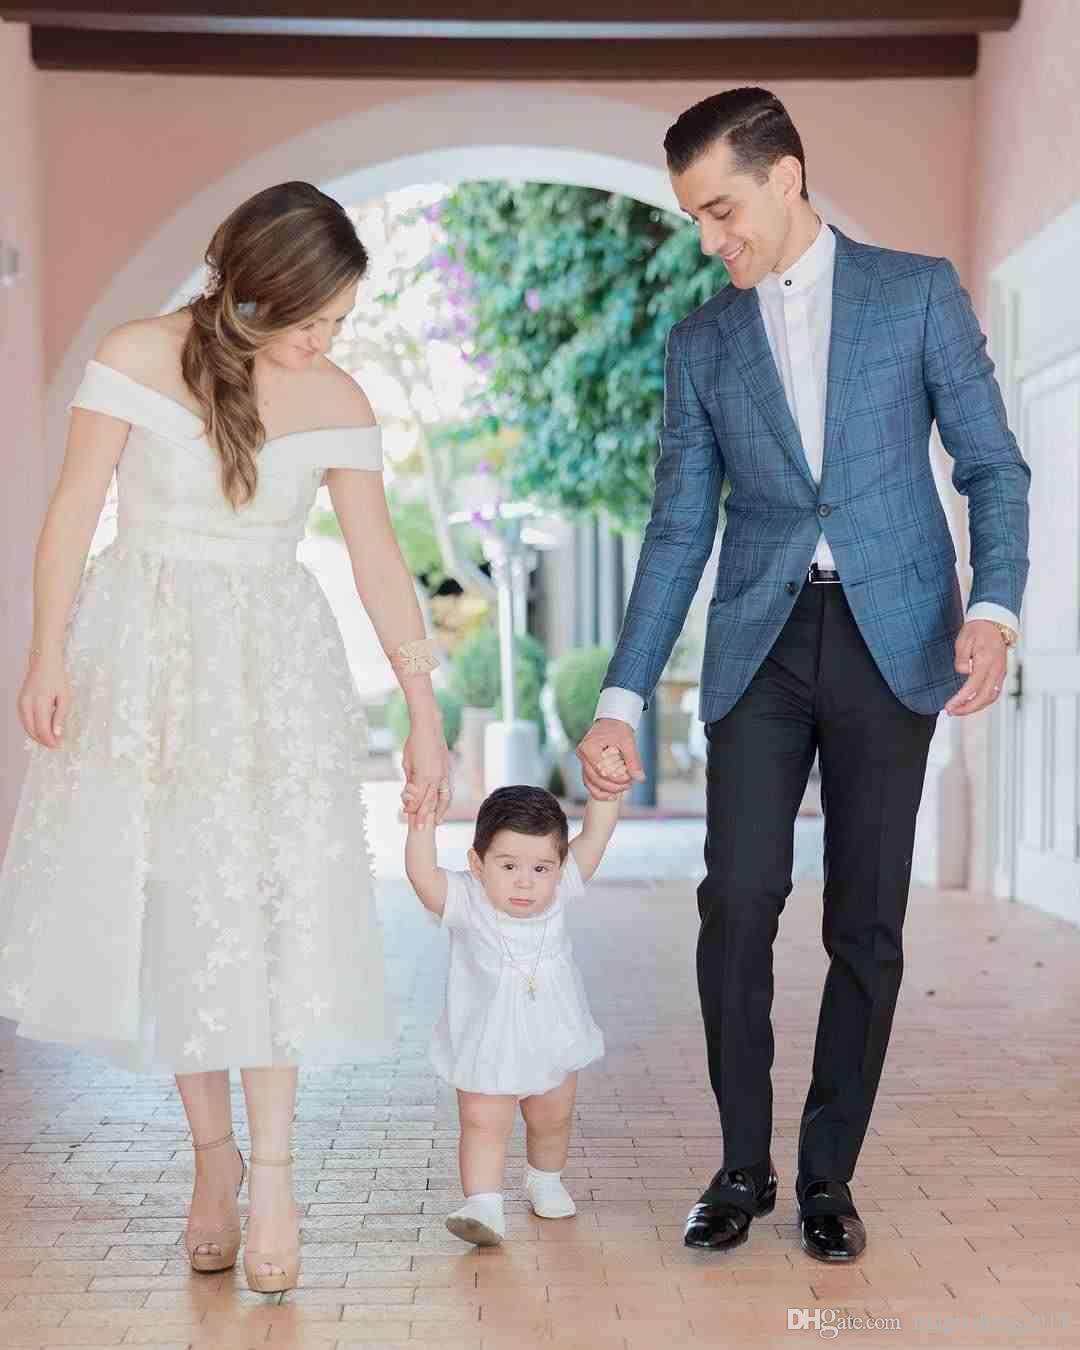 Taille Plus élégante Une robe de mariage en ligne de l'épaule en dentelle Appliques sans manches robes de mariée longueur de cheville robes de mariée sur mesure